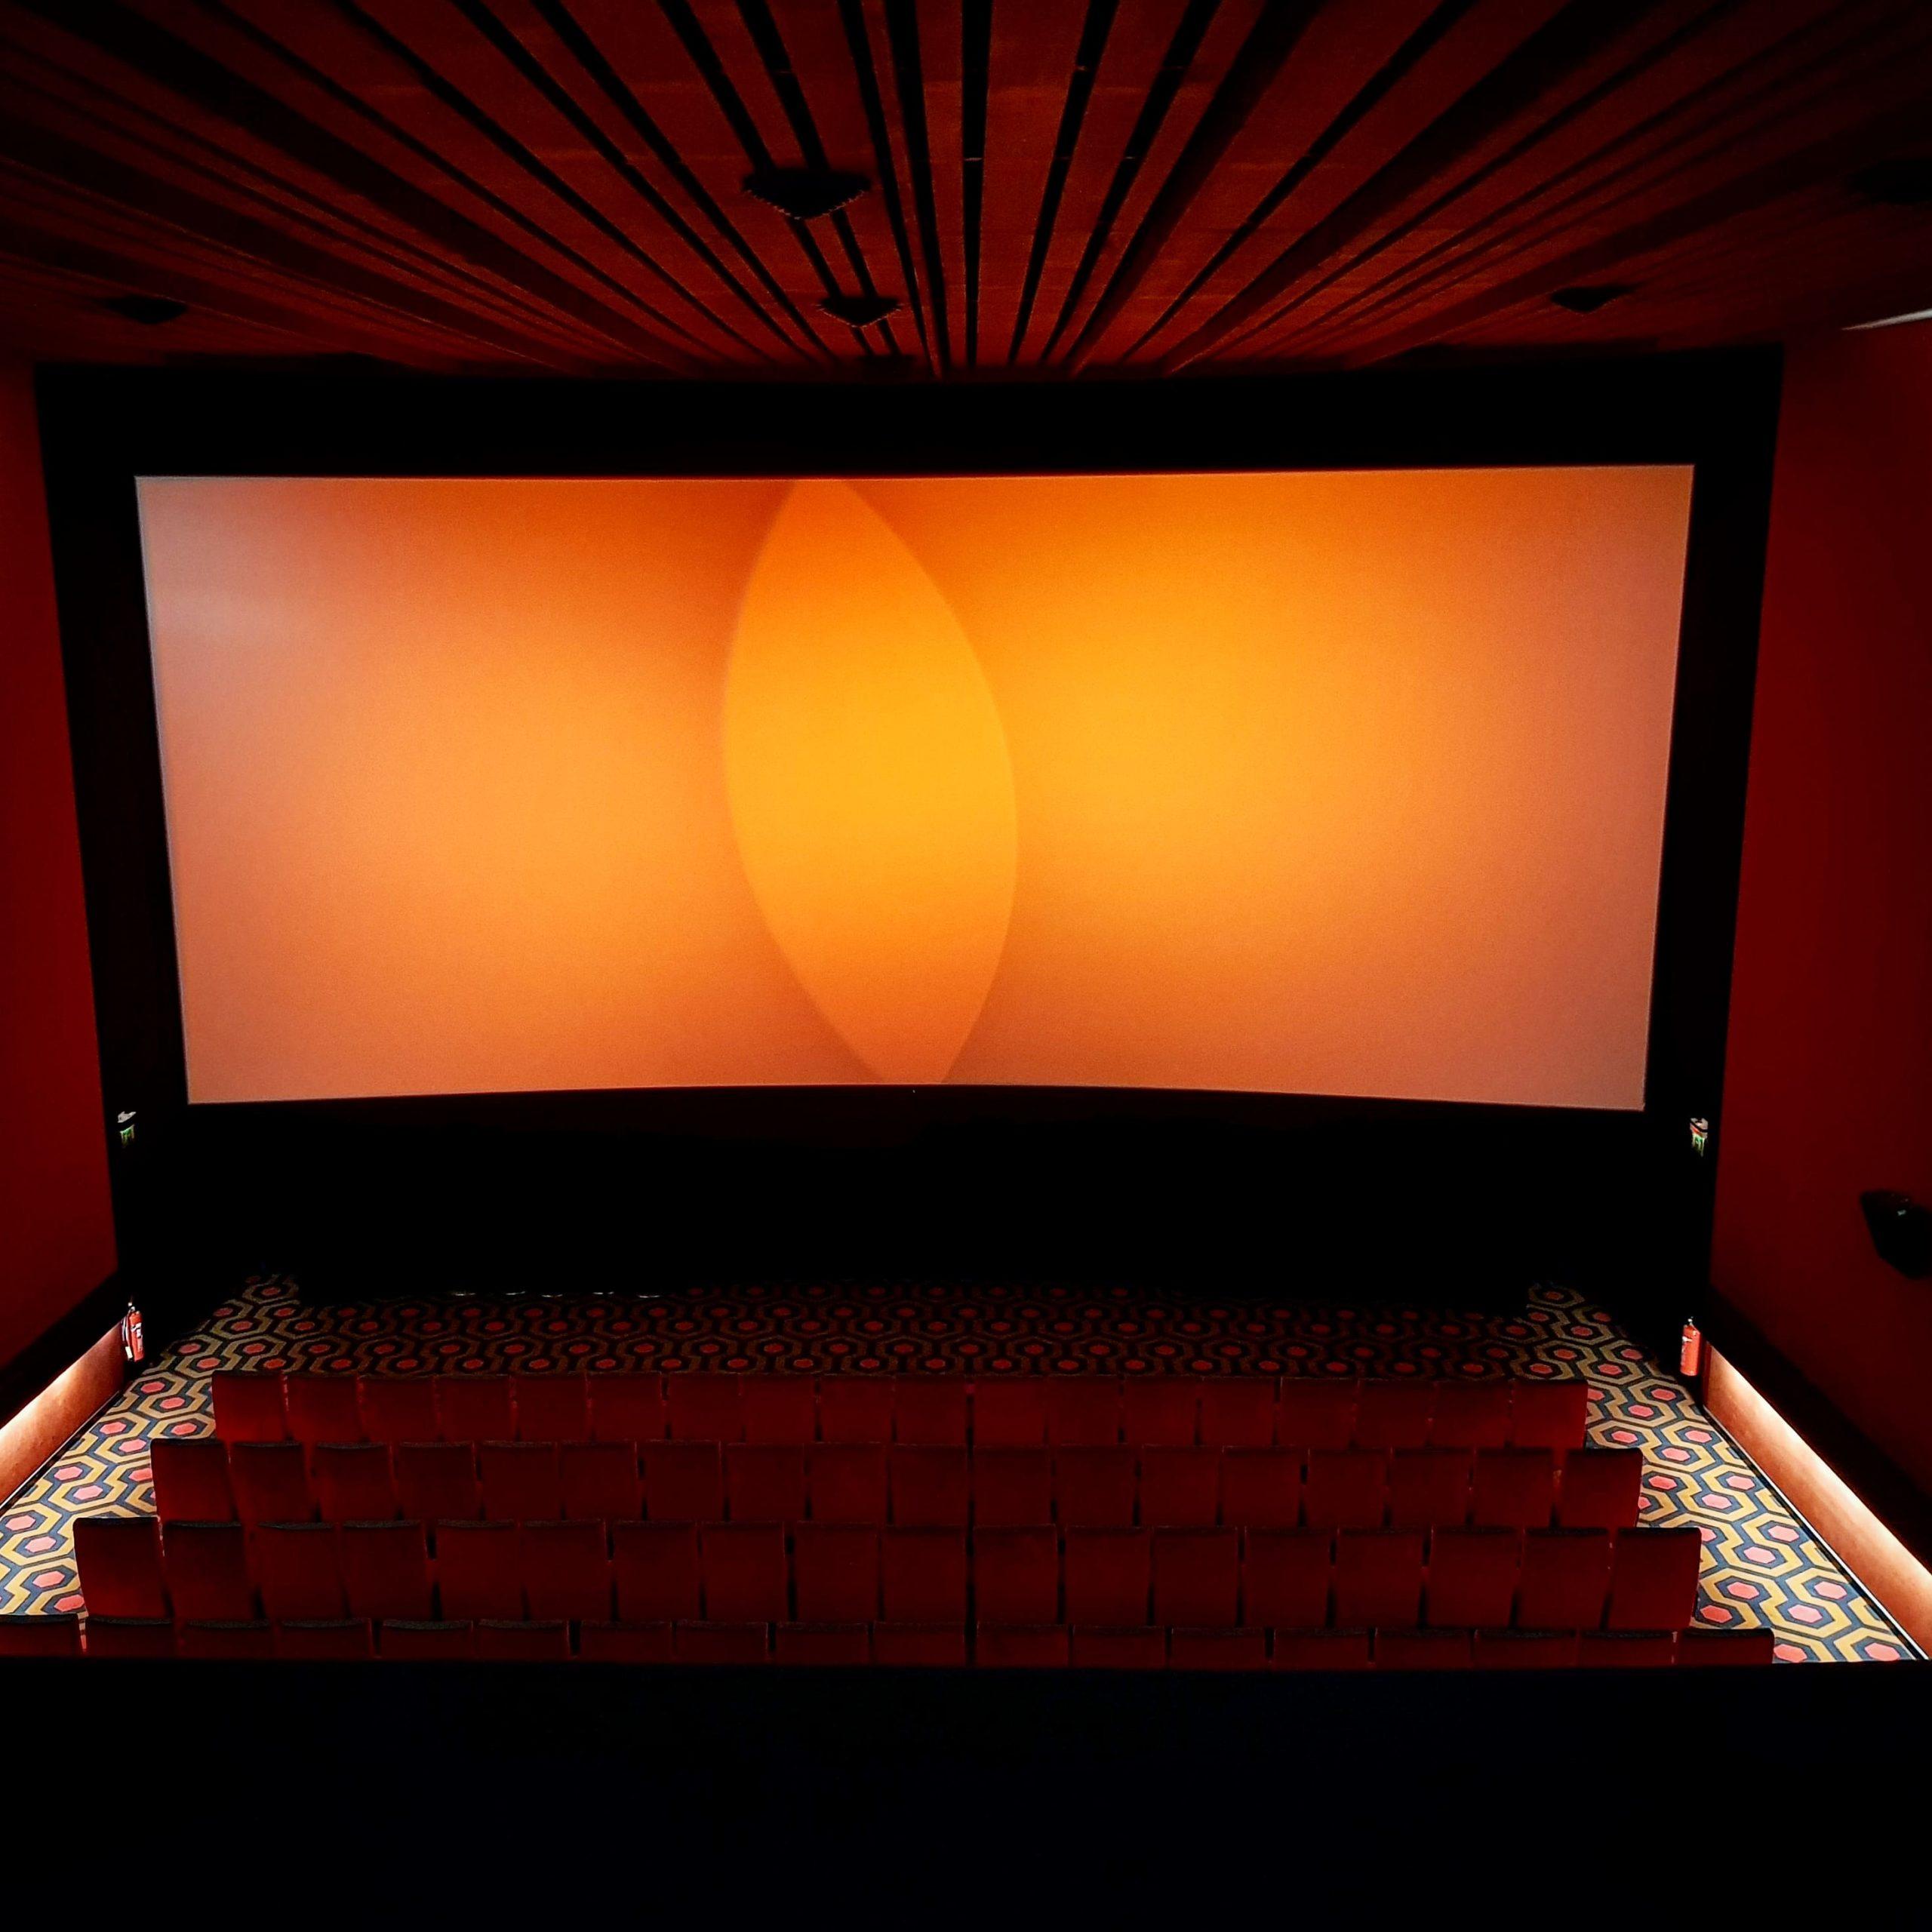 Der Schweizerische Kino-Verband schlägt Alarm nach der plötzlichen Ankündigung der Schliessung der Kinos in den Kantonen Wallis und Bern! – J:MAG